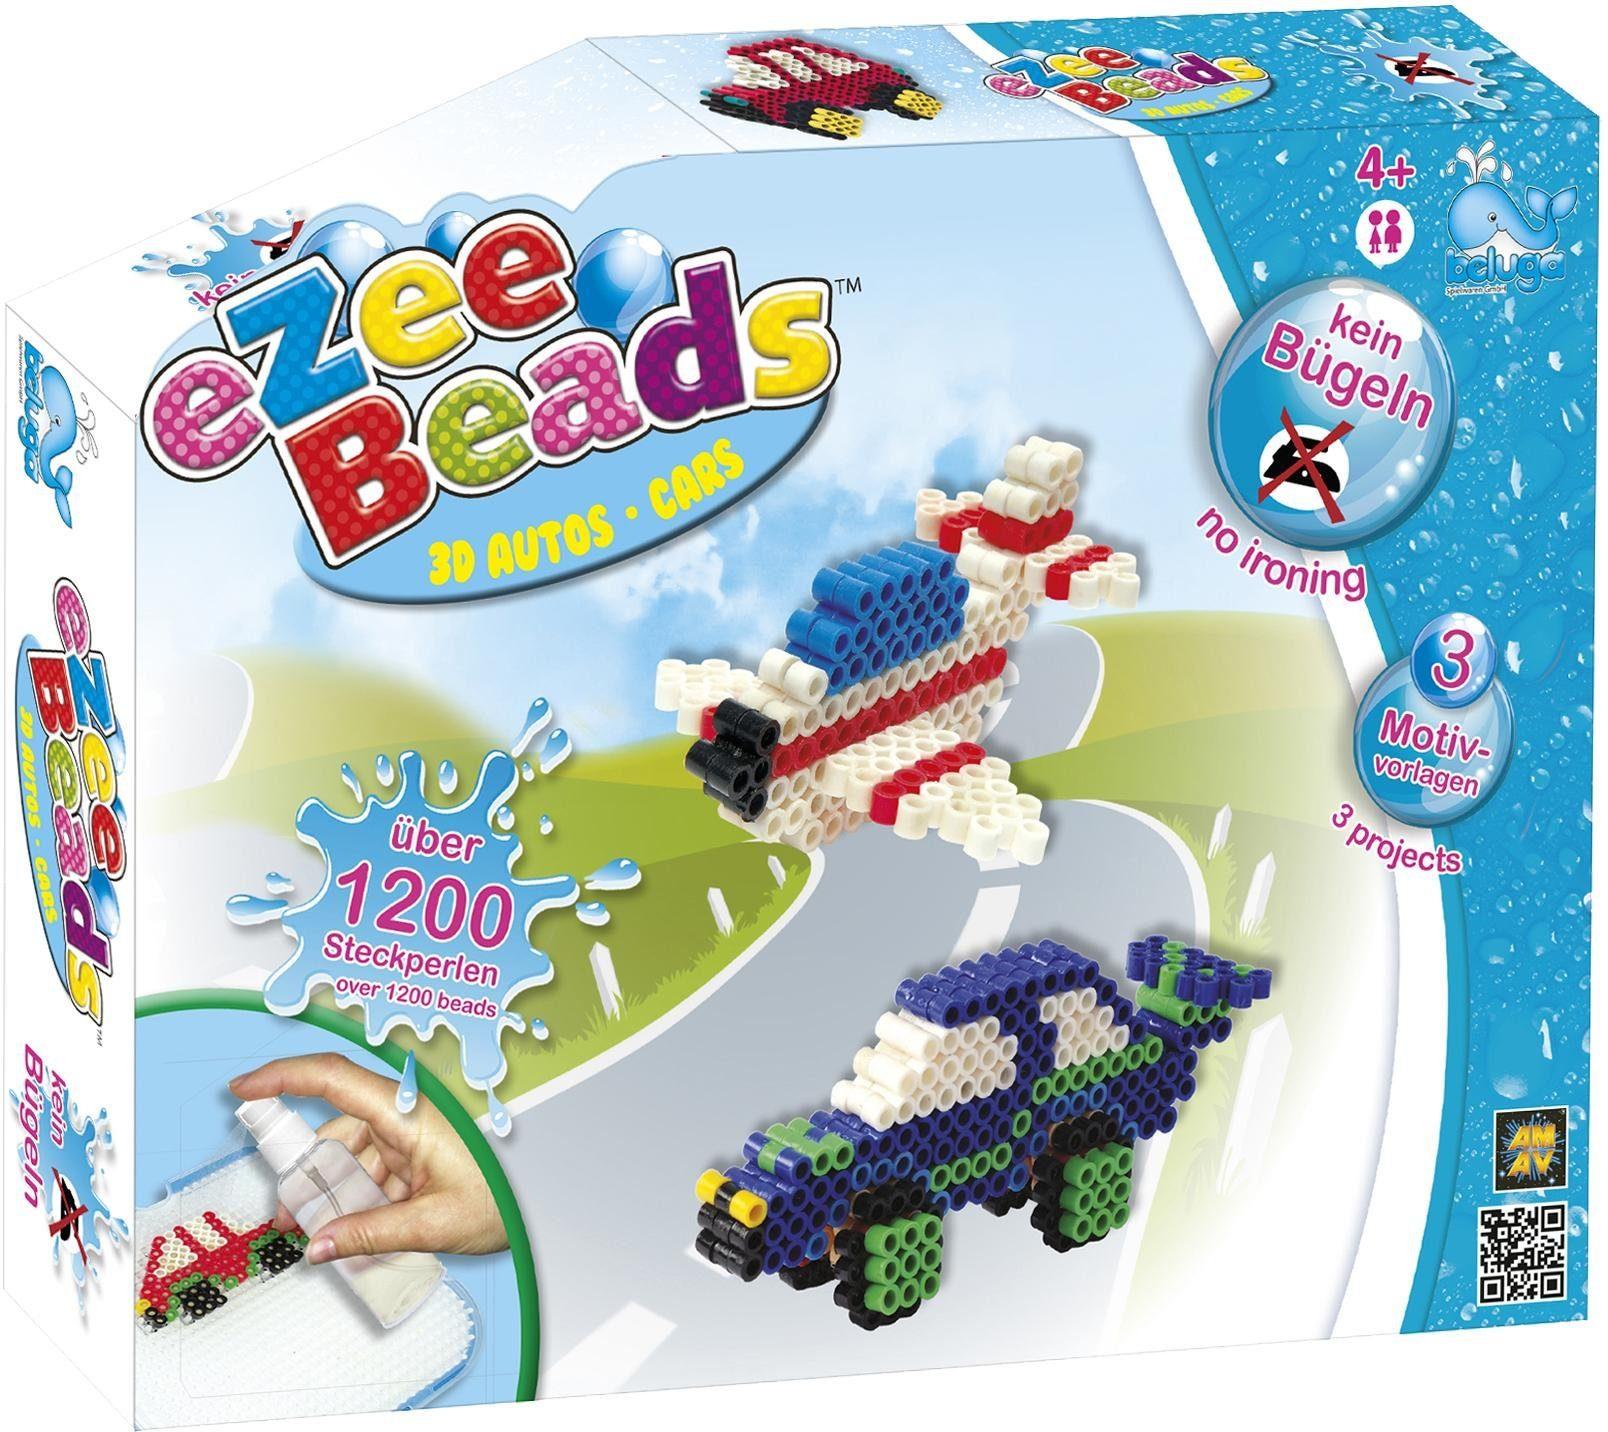 Beluga Steckperlen Set, »eZee Beads 3D Fahrzeuge 1200 Stück«